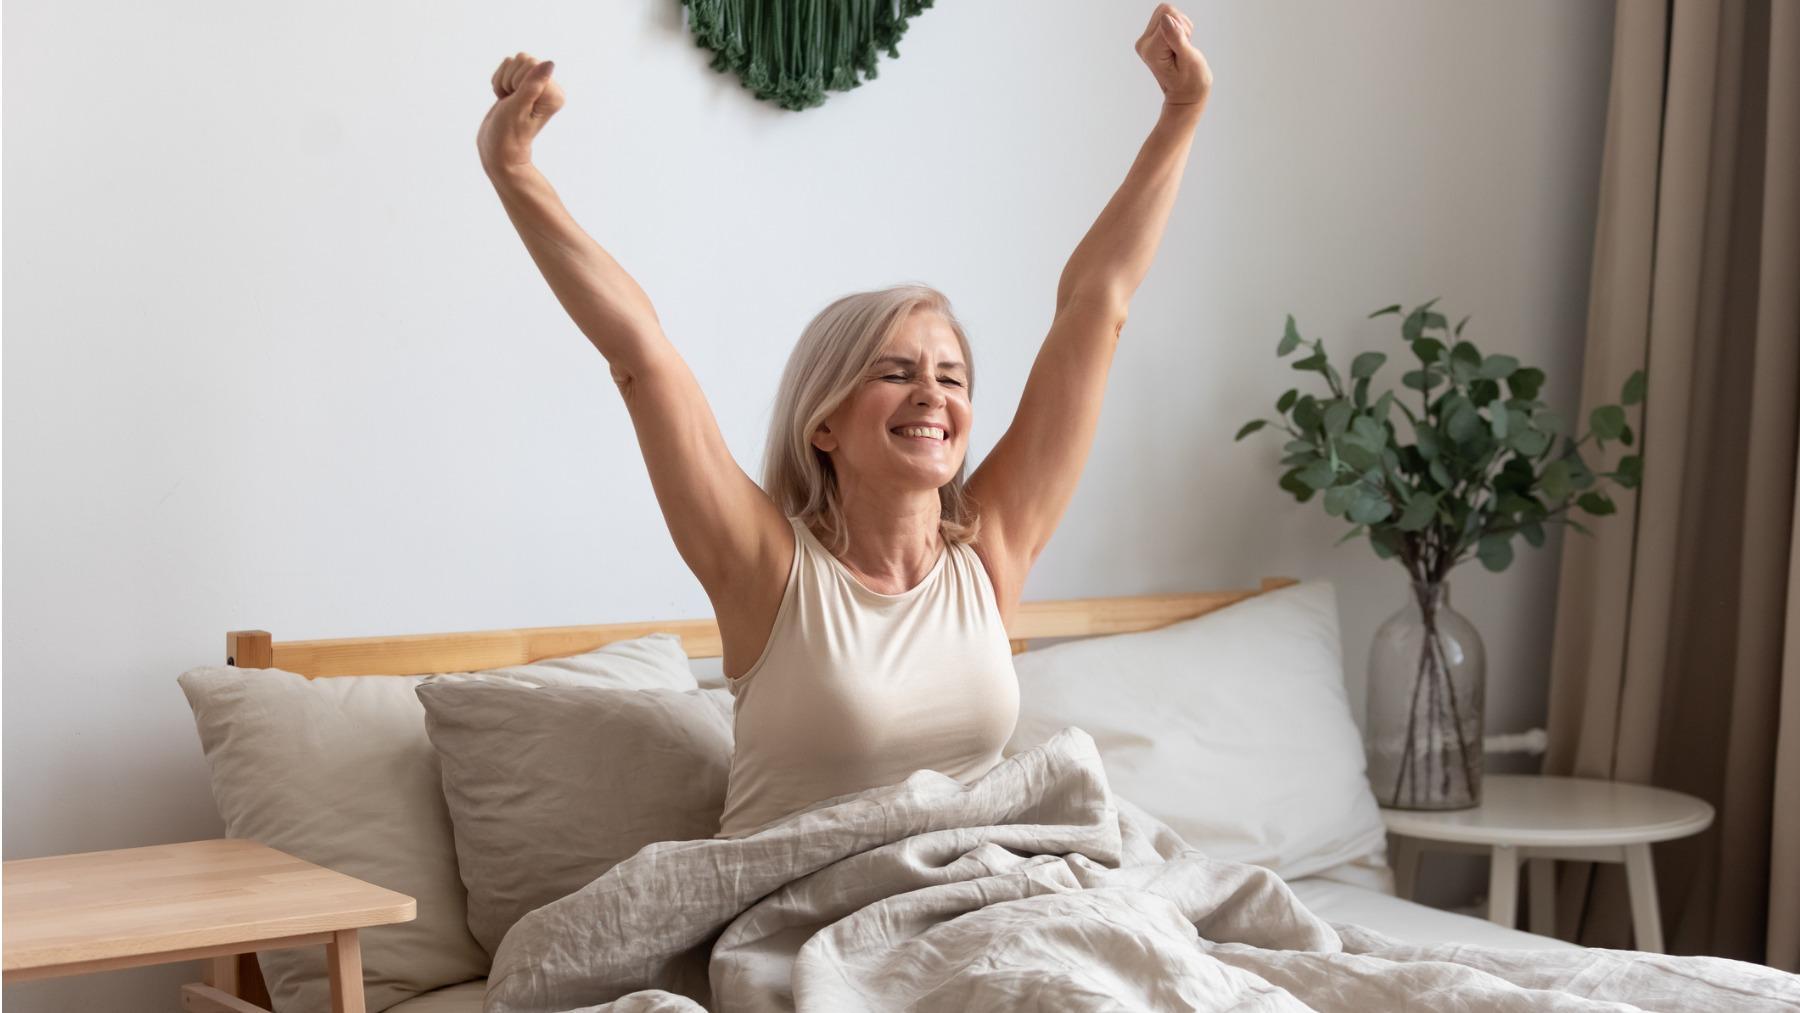 Mujer recién levantada de la cama